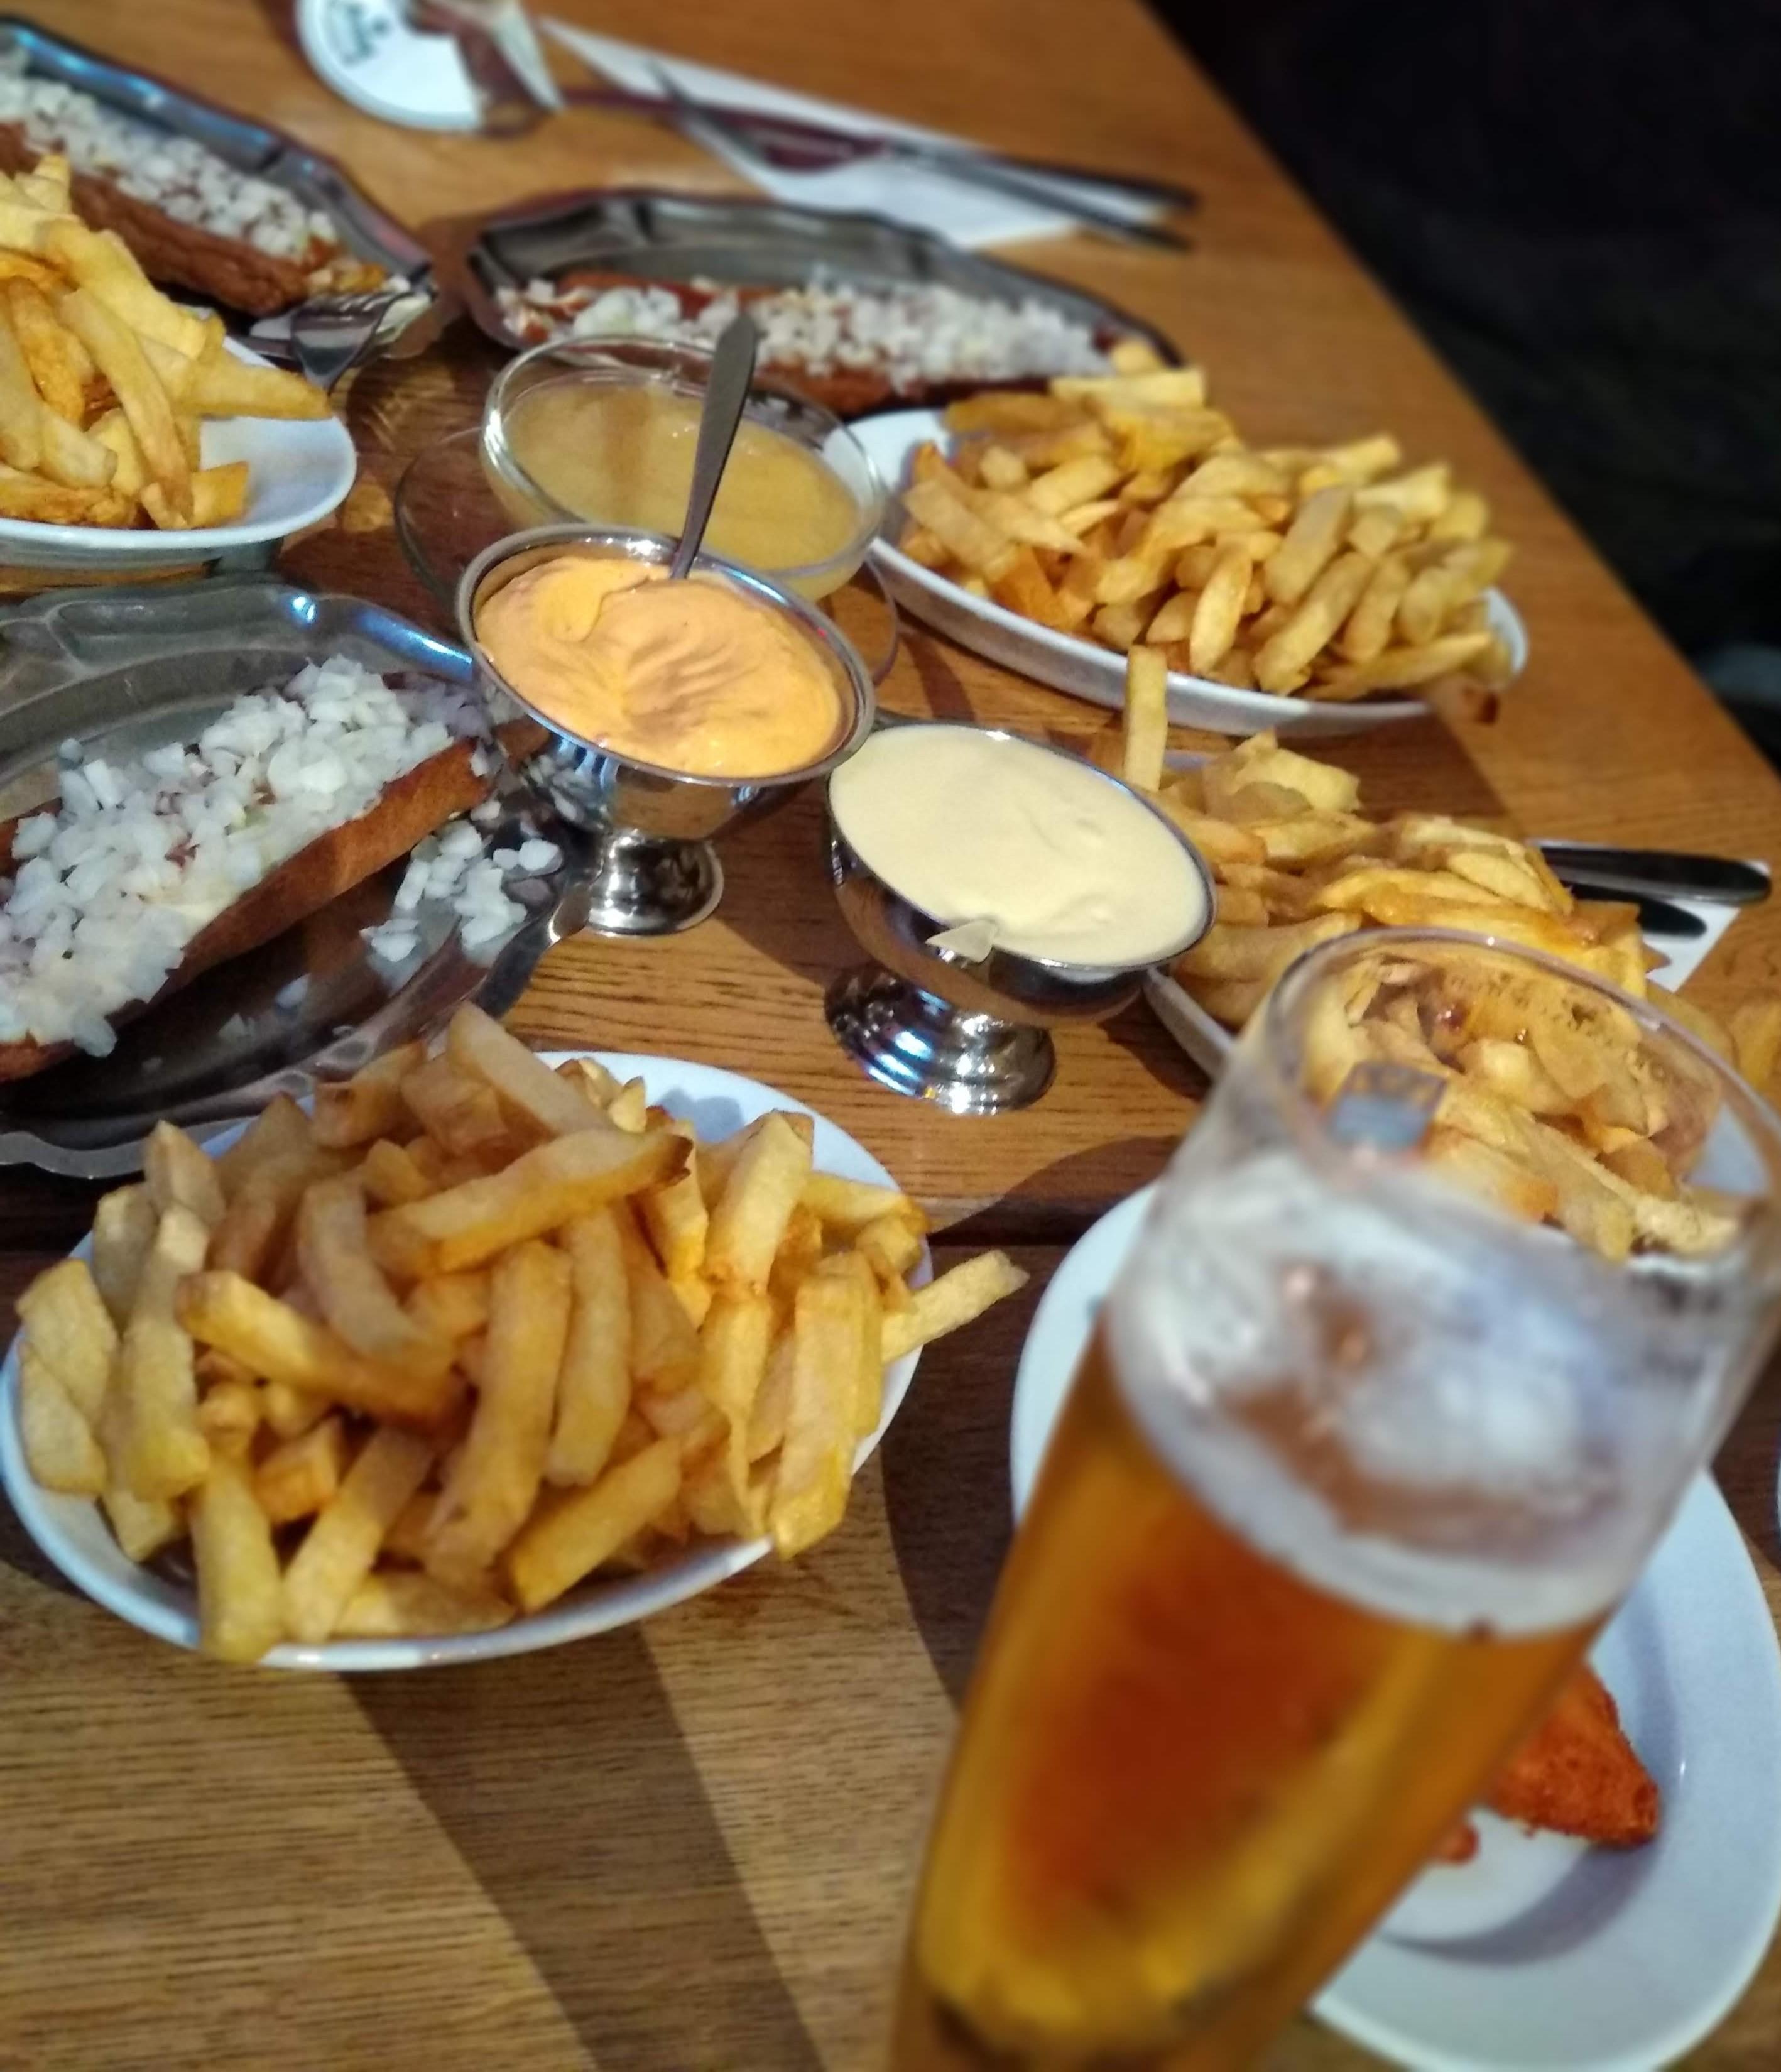 Ankunft in Holland wird umgehend frittiert